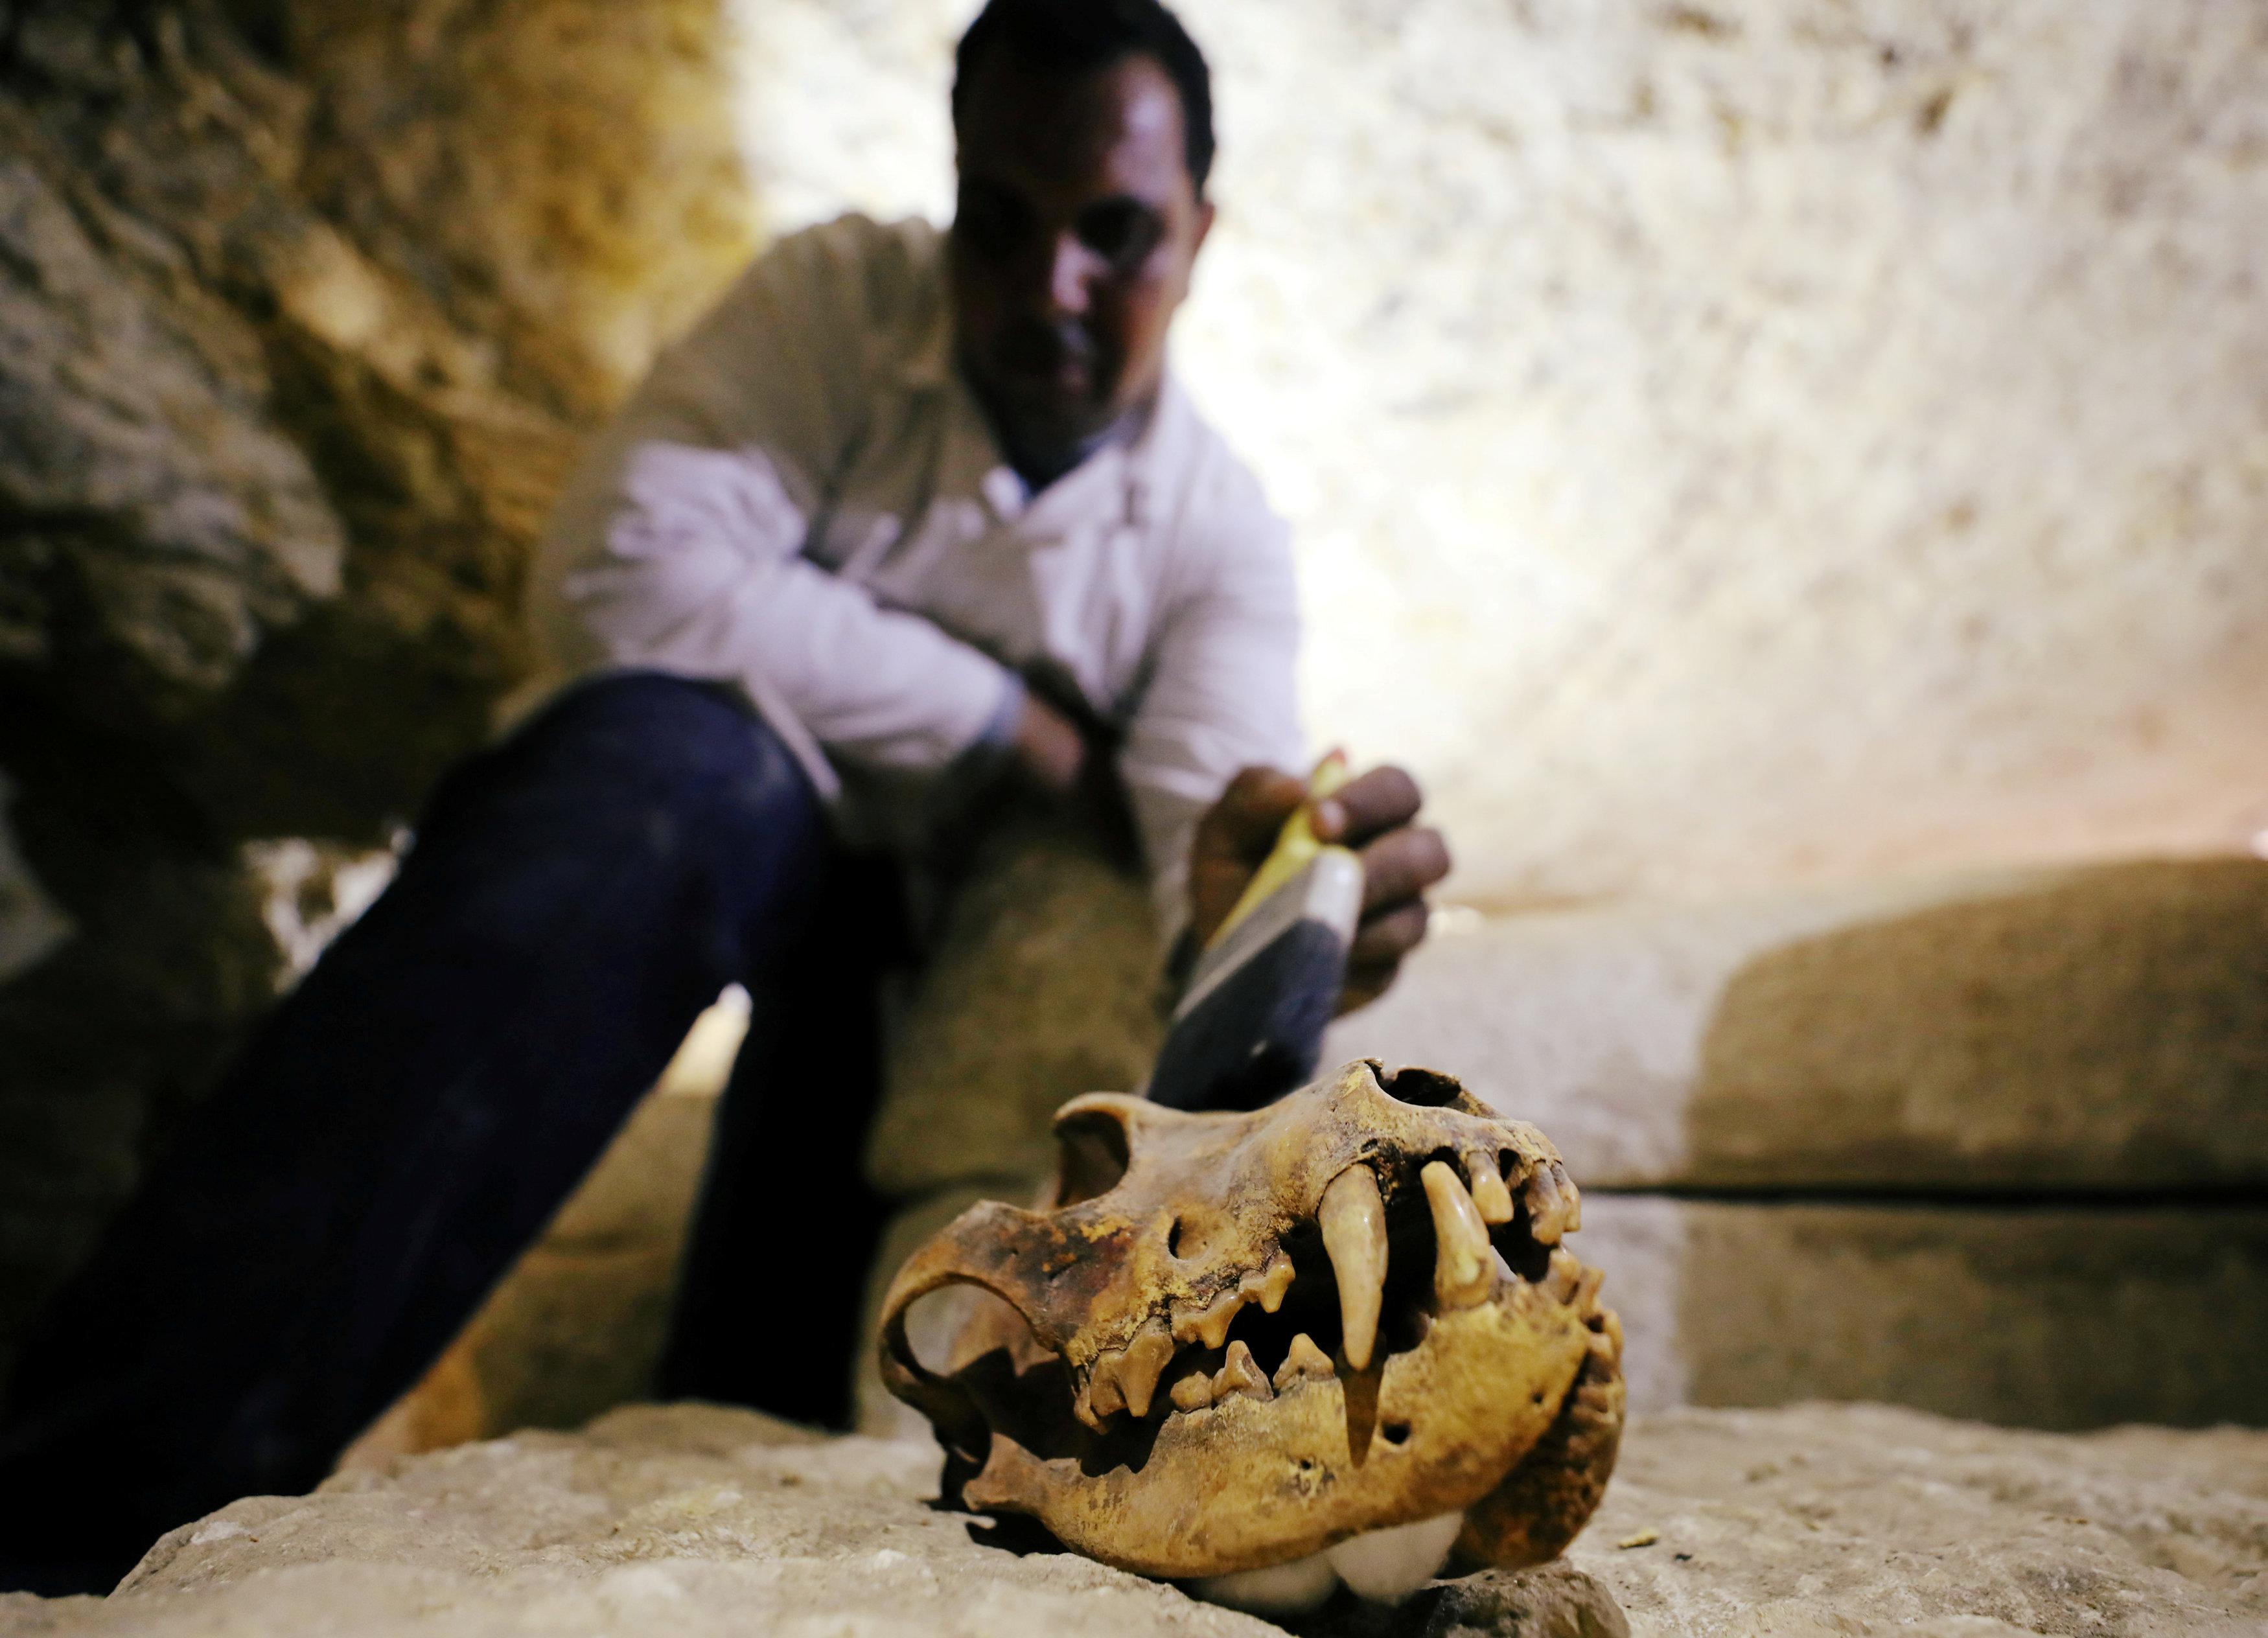 Arqueólogo limpa o crânio de um animal encontrado dentro da necrópole em Minia